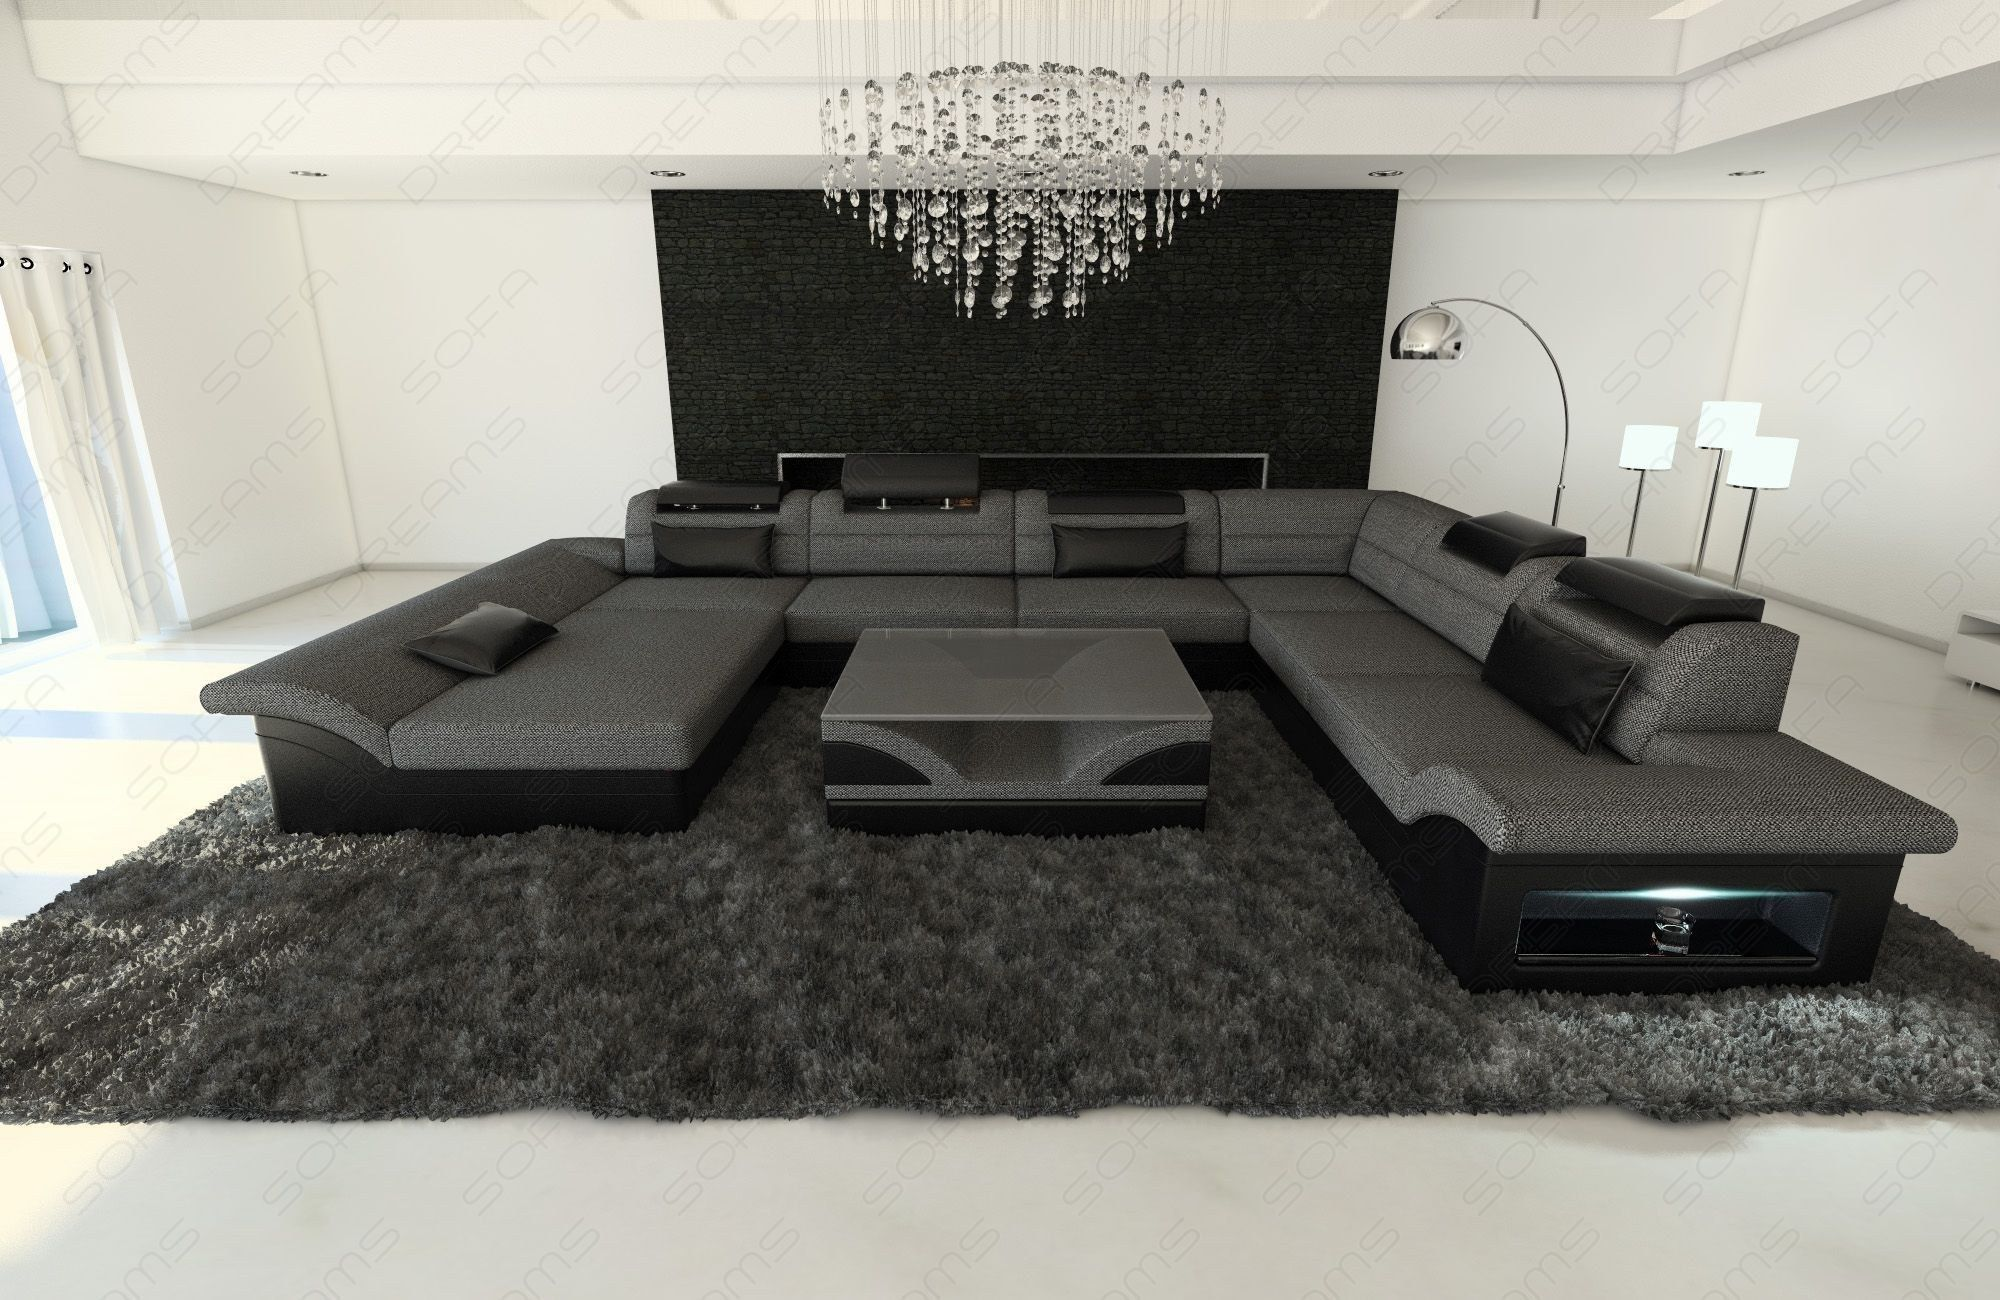 Fabric Design Sofa Atlanta XL with LED  Contemporary living room